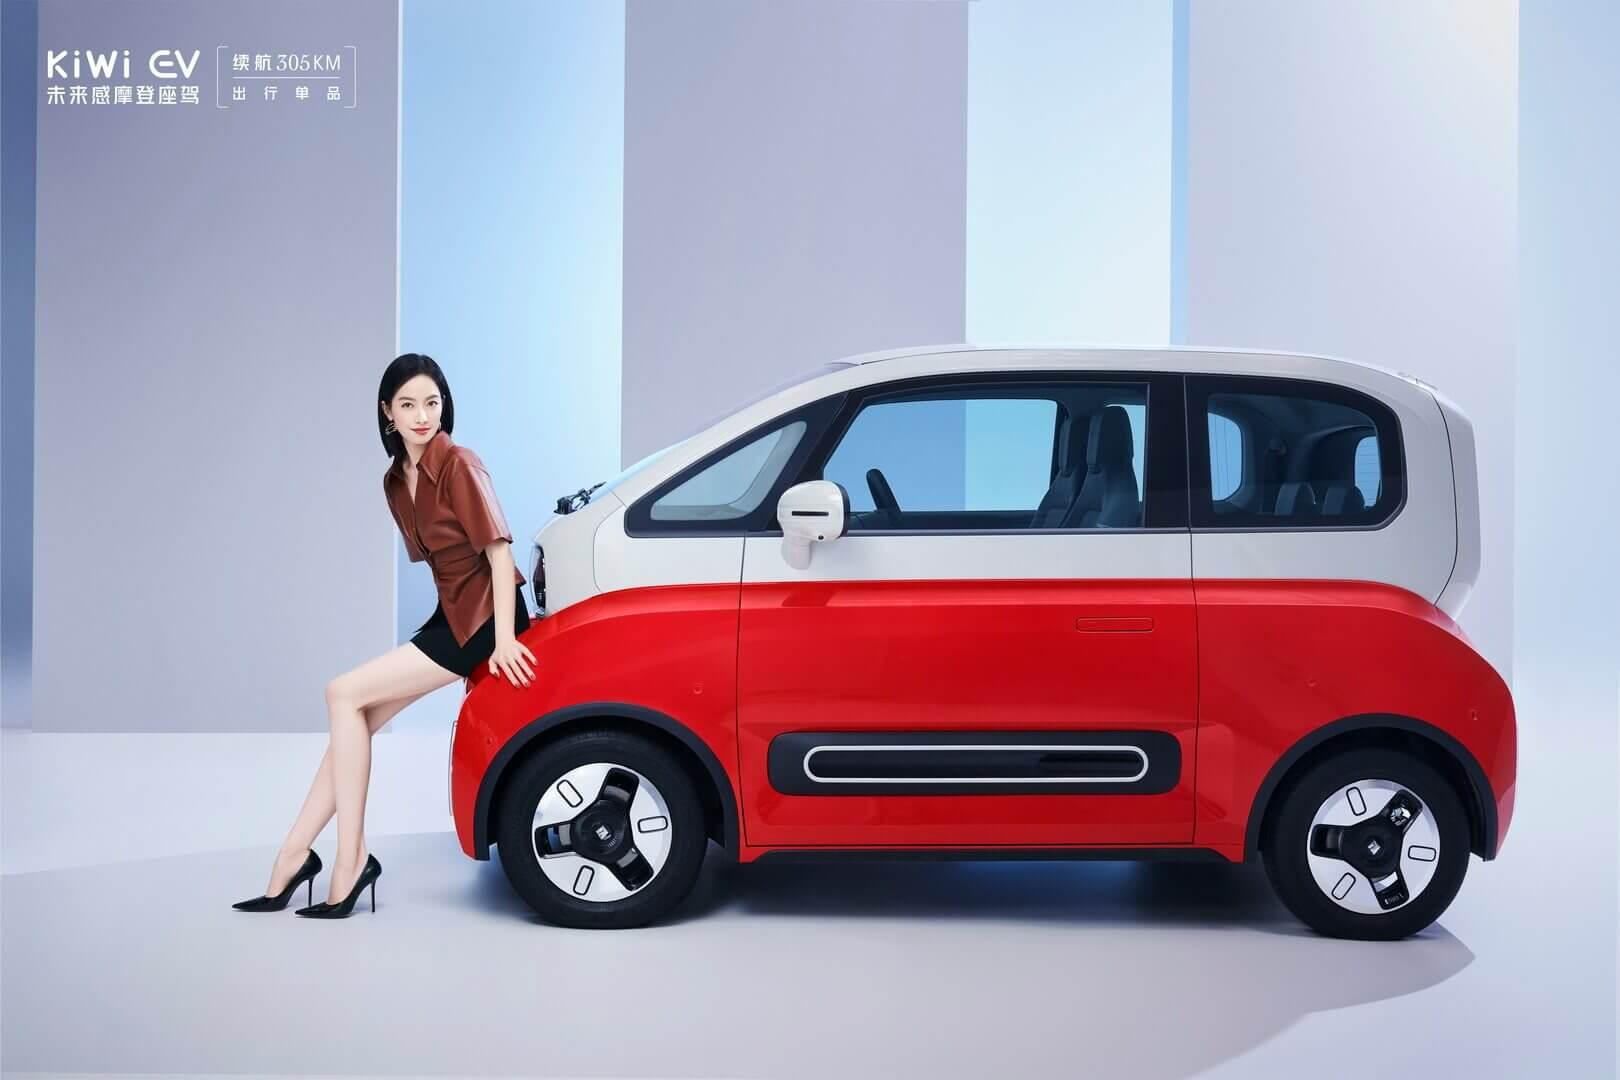 ВКитае представлен мини-электромобиль Baojun KiWi сзапасом хода 305км